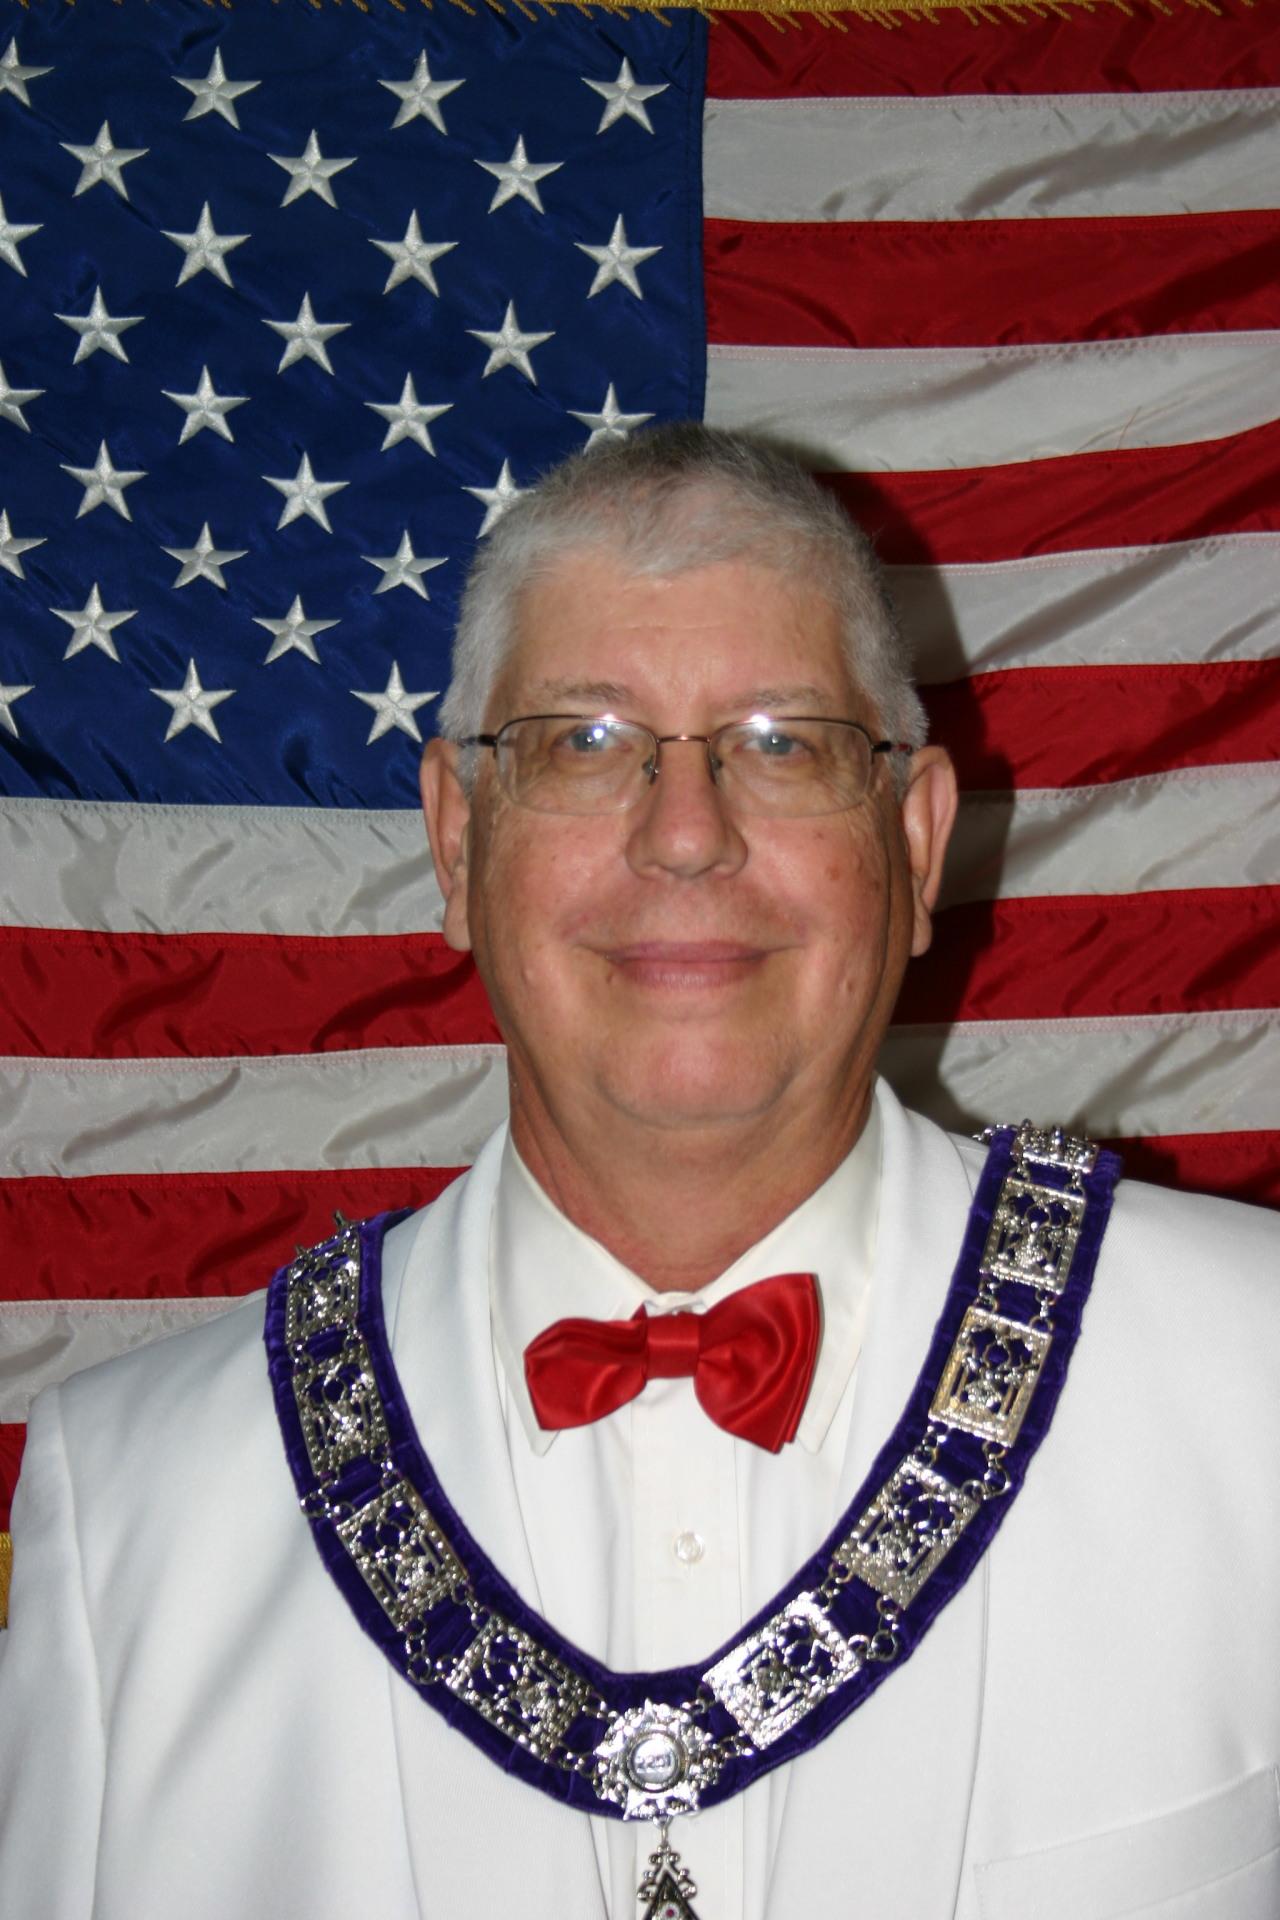 Greg Leazer